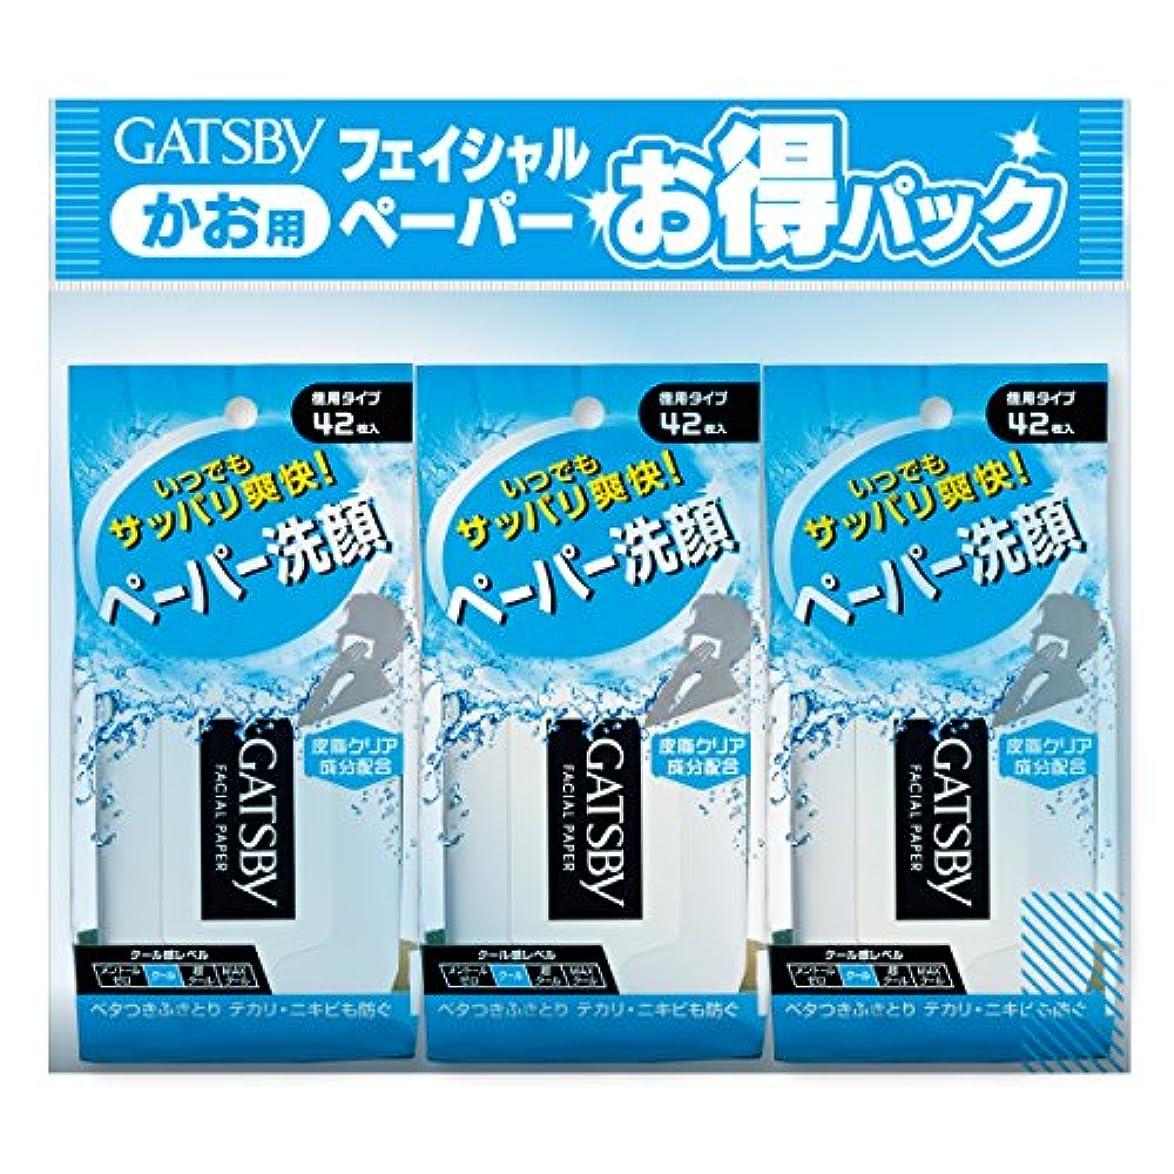 援助検索エンジン最適化強打【まとめ買い】GATSBY (ギャツビー)フェイシャルペーパー 徳用42枚×3個パック